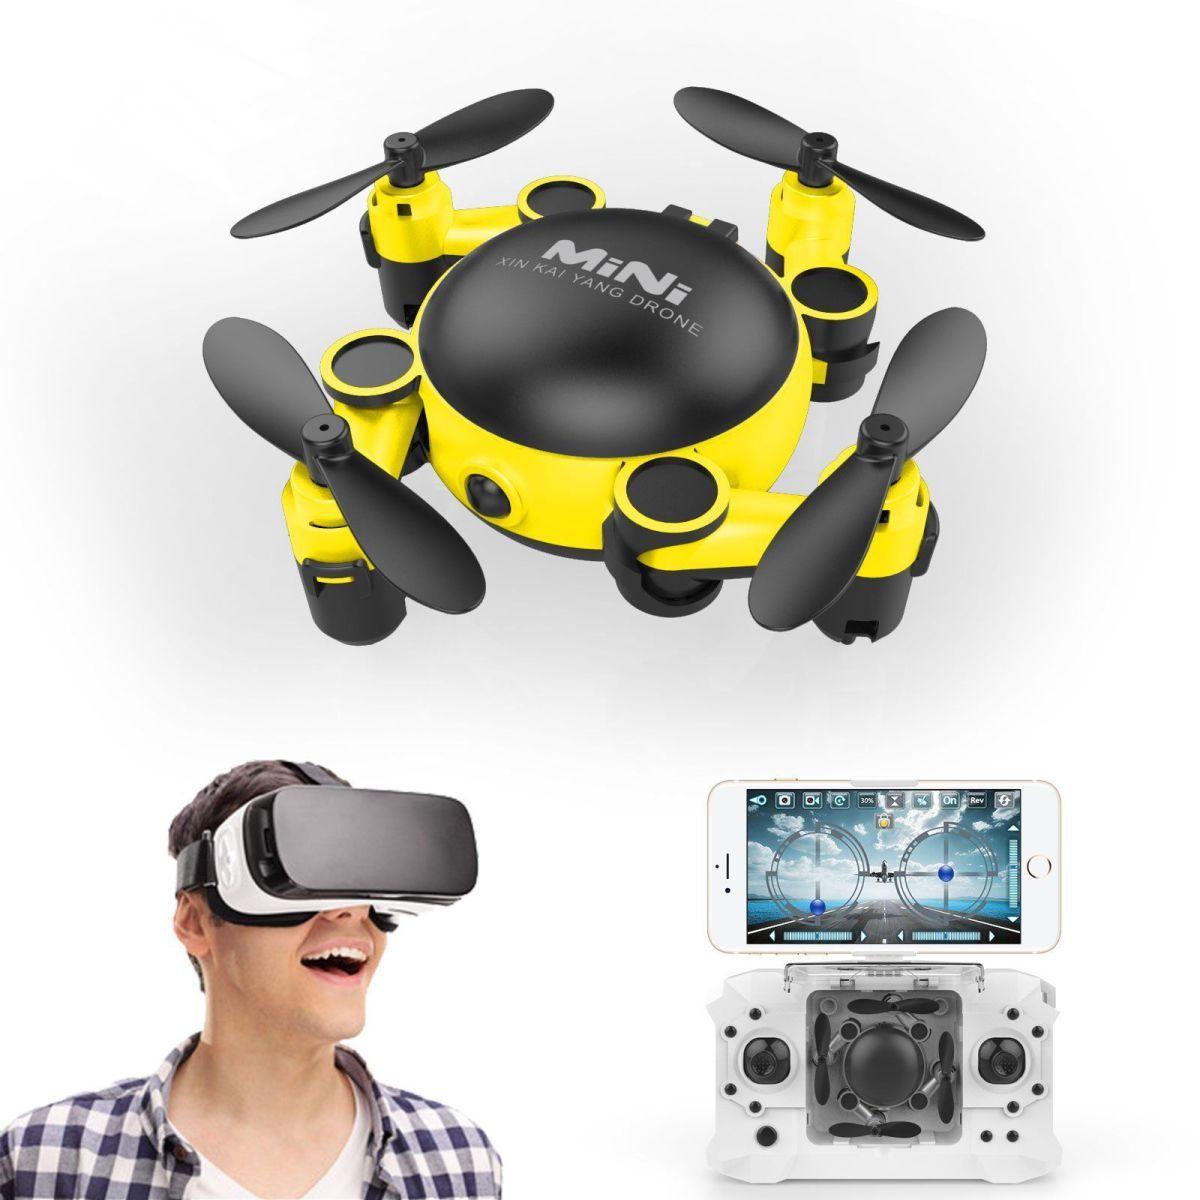 Foldable Mini Wifi Hover Camera Wifi Fpv Rc Quadcopter Hd Selfie Drone Rtf Rc Camera Drones For Sale Drones Concept Drone Business